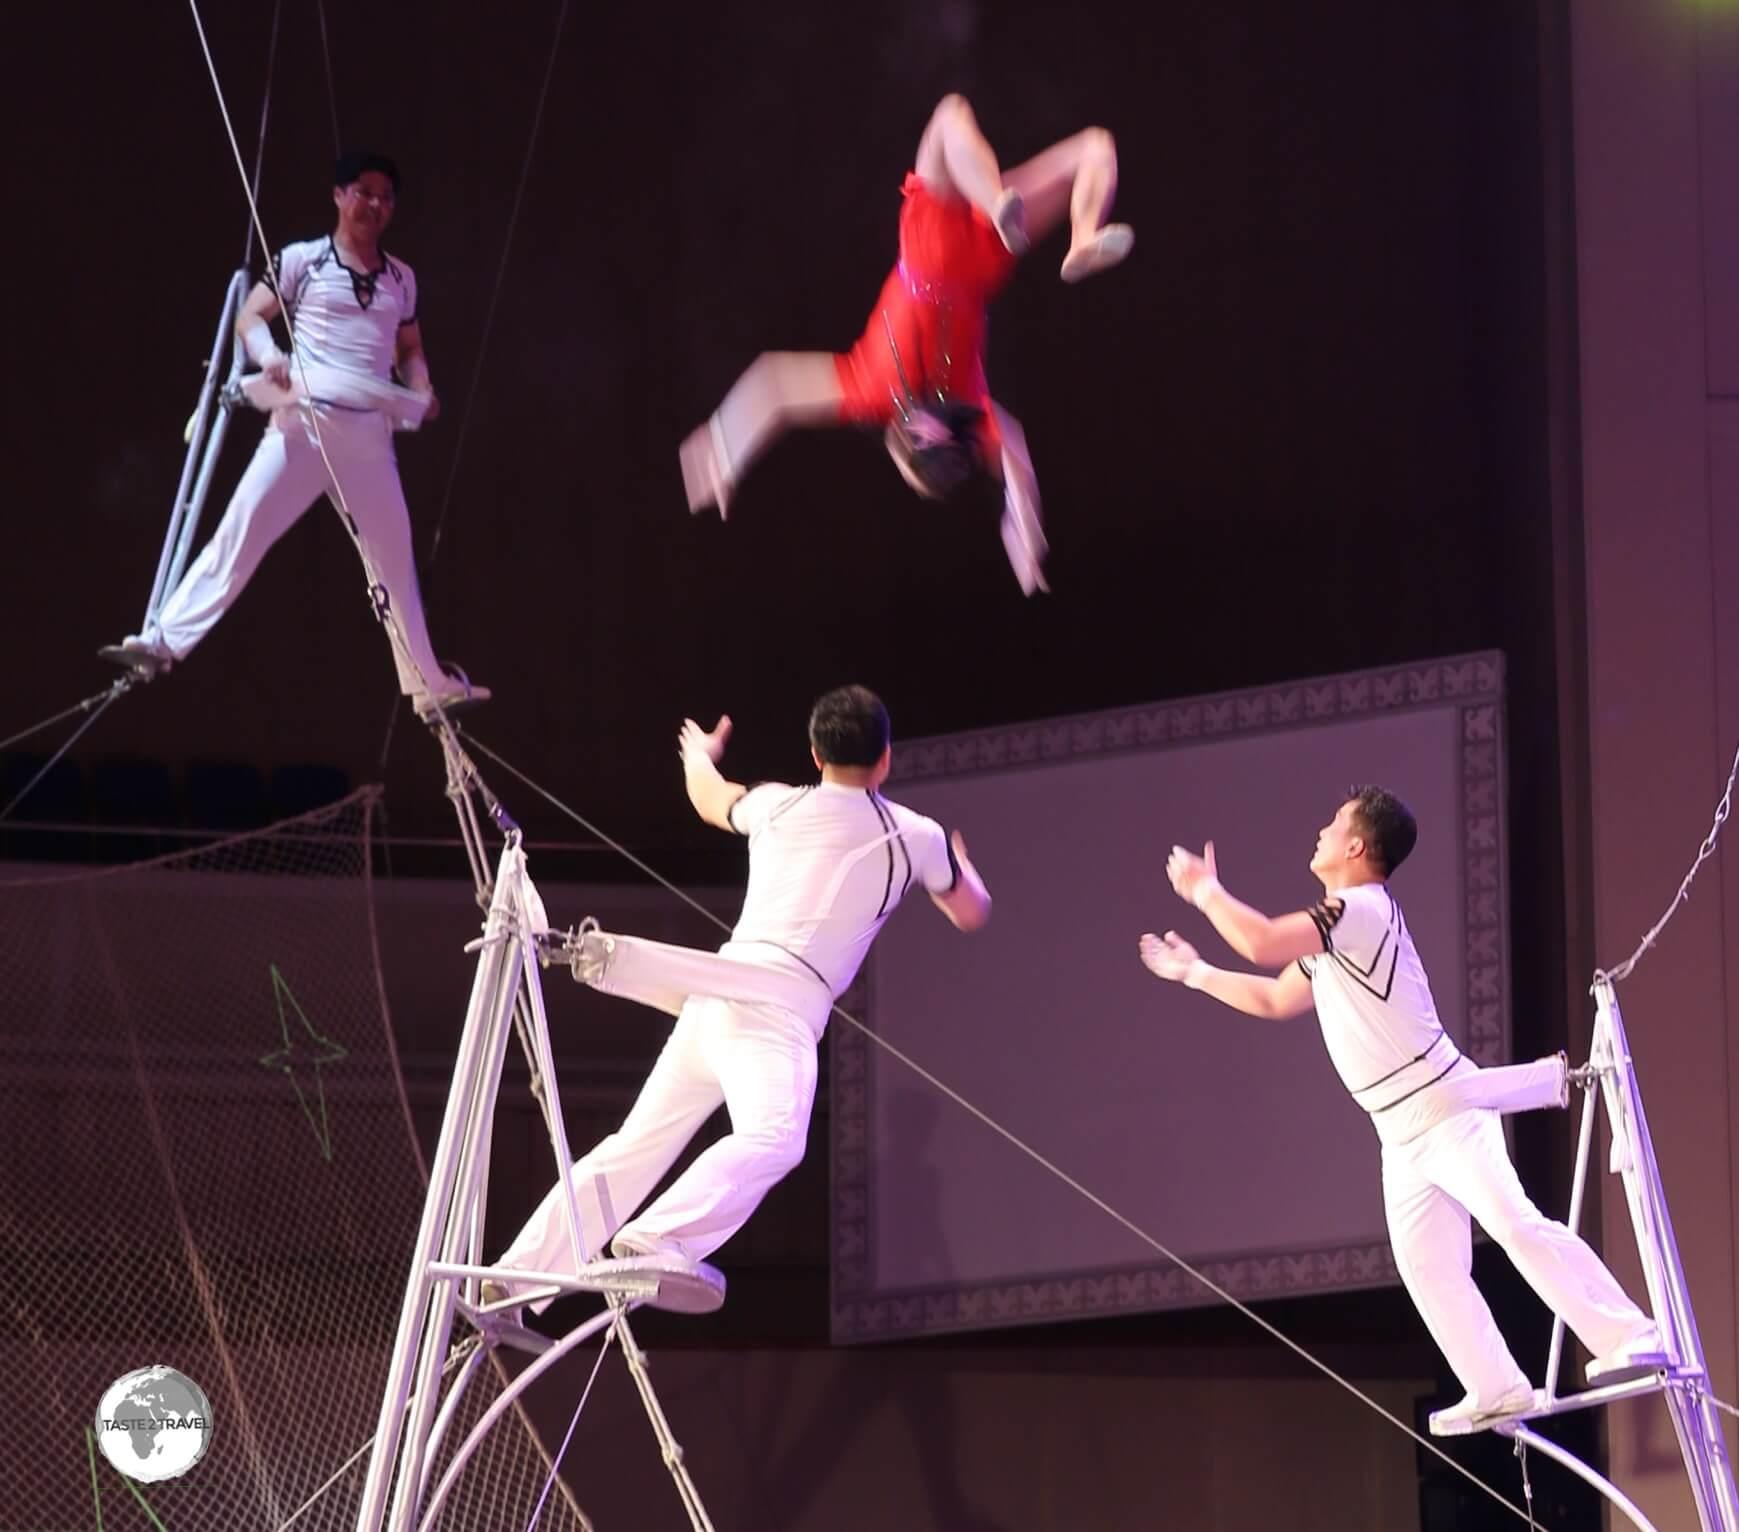 Acrobats perform at the Pyongyang circus.